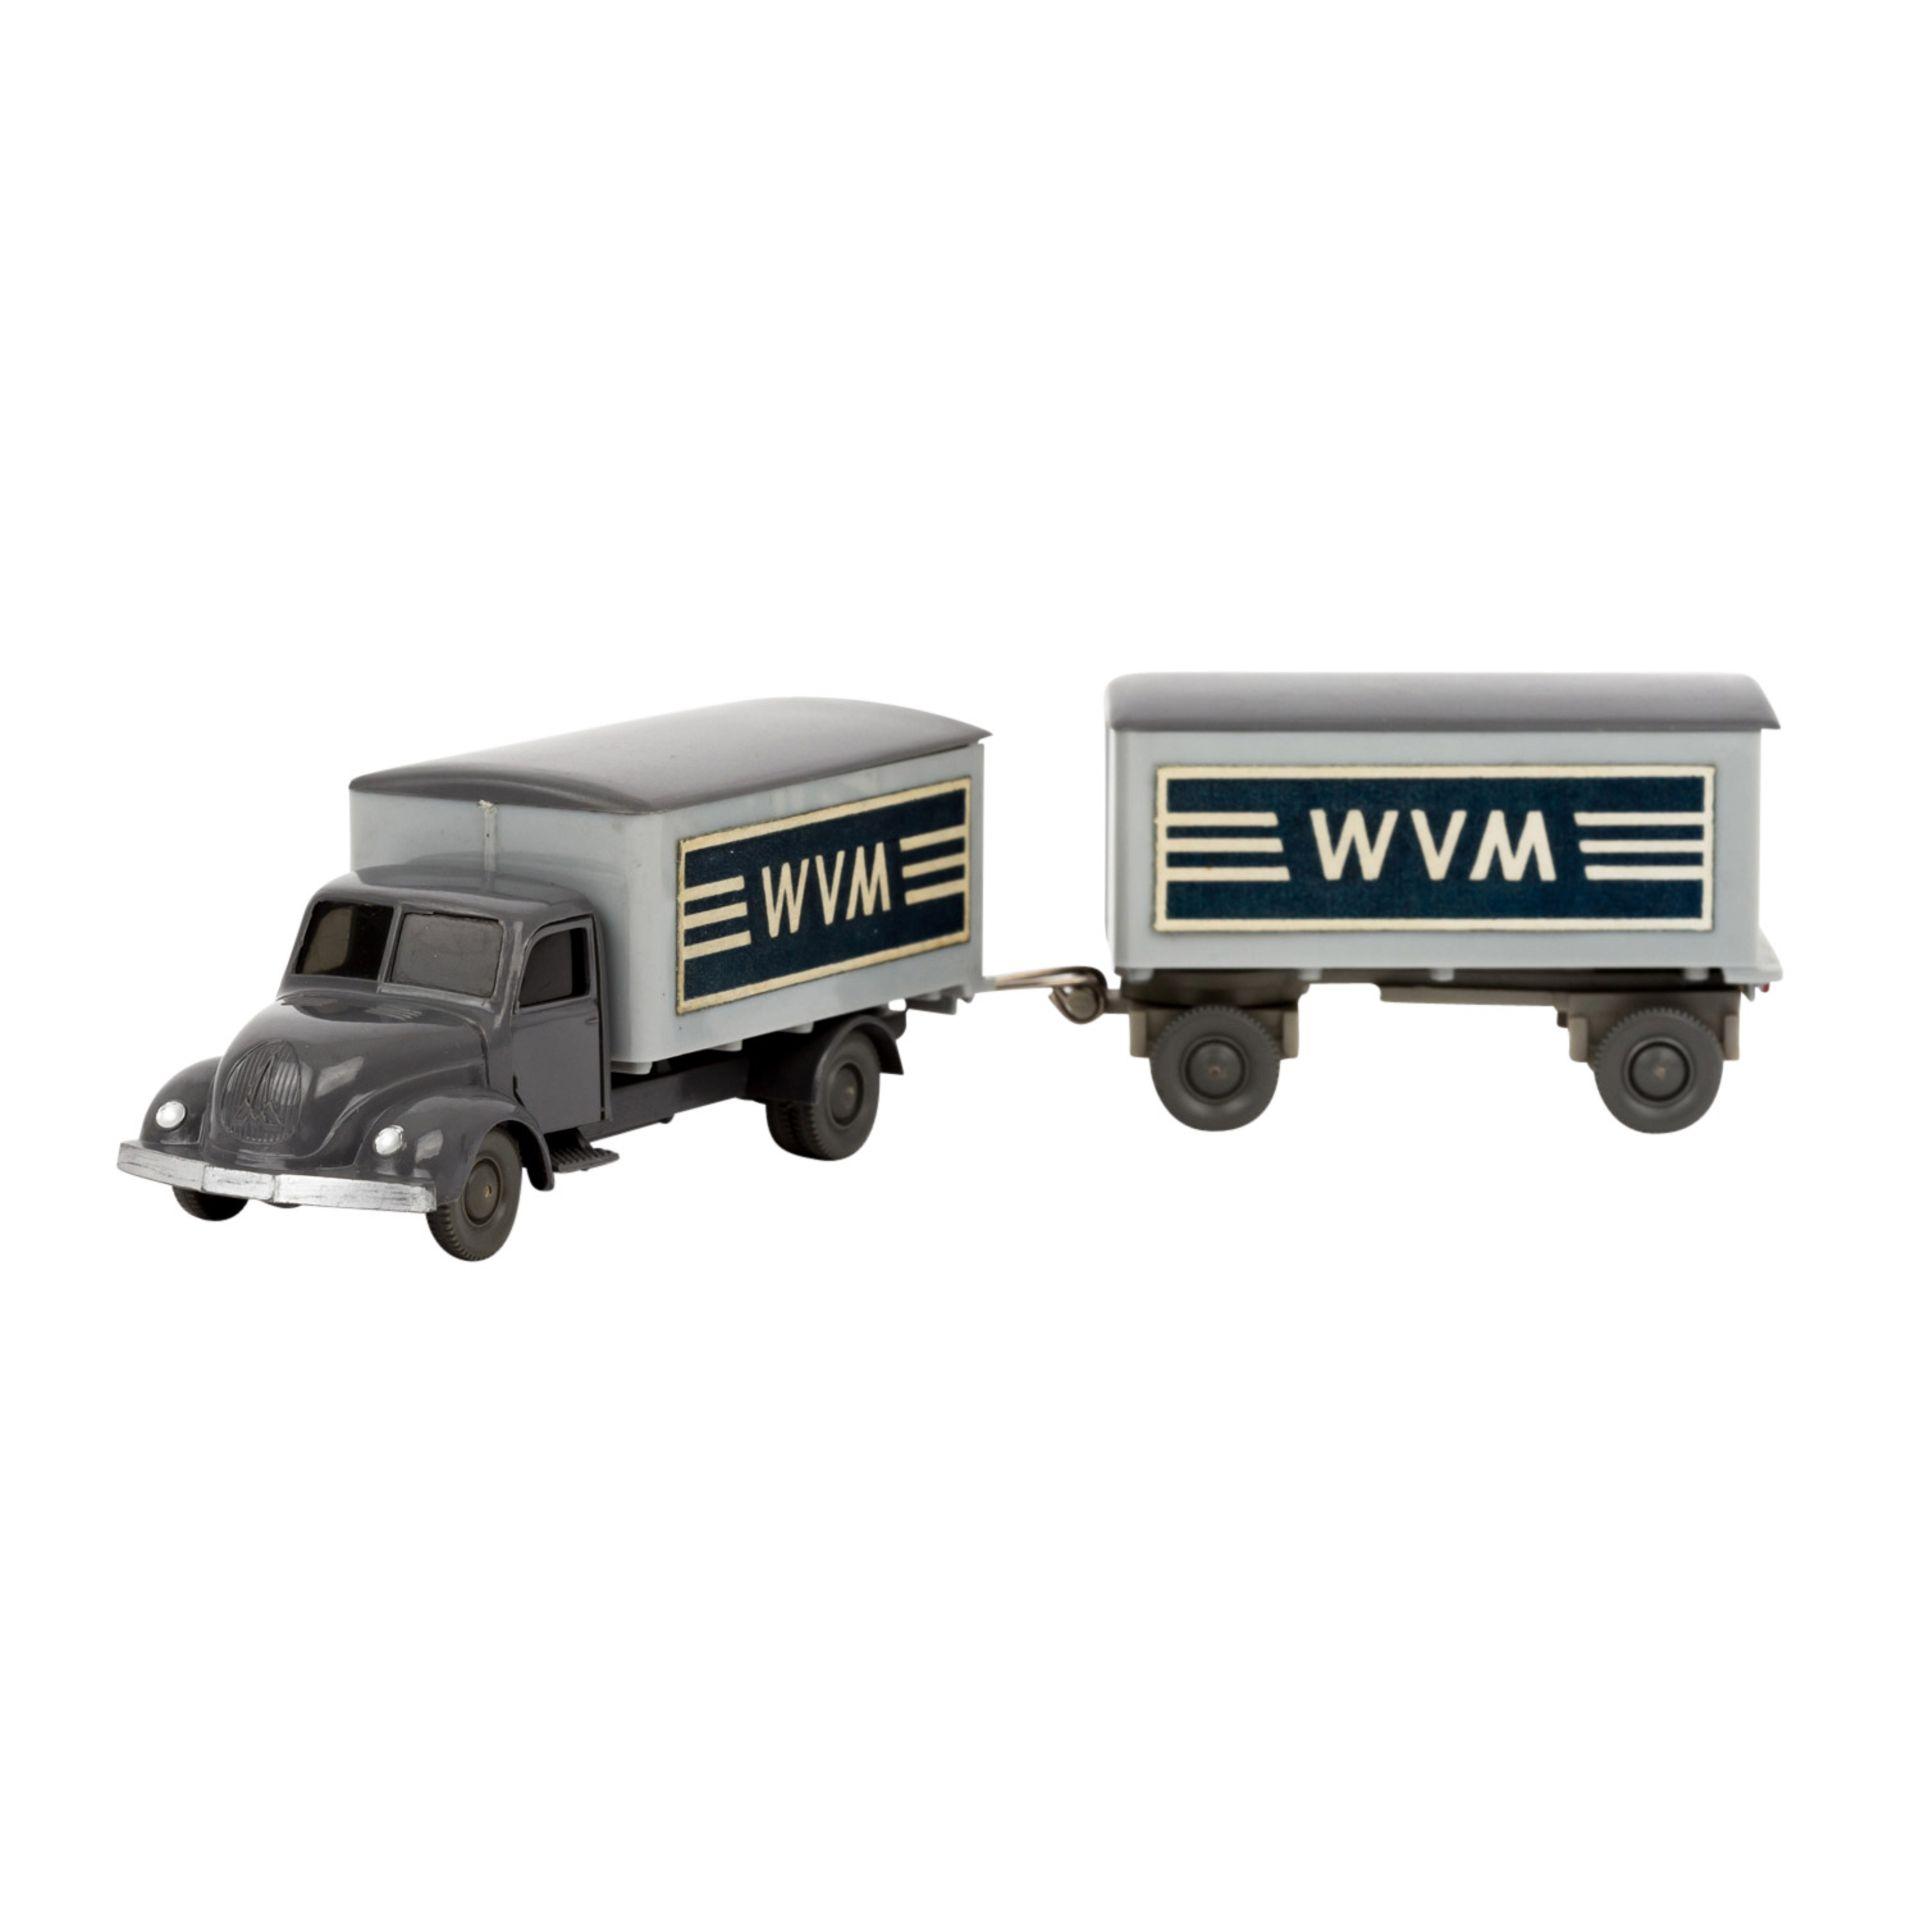 WIKING Magirus WVM, alter Koffer-LKW mit Anhänger 1961-62,LKW und Anhänger mit basal